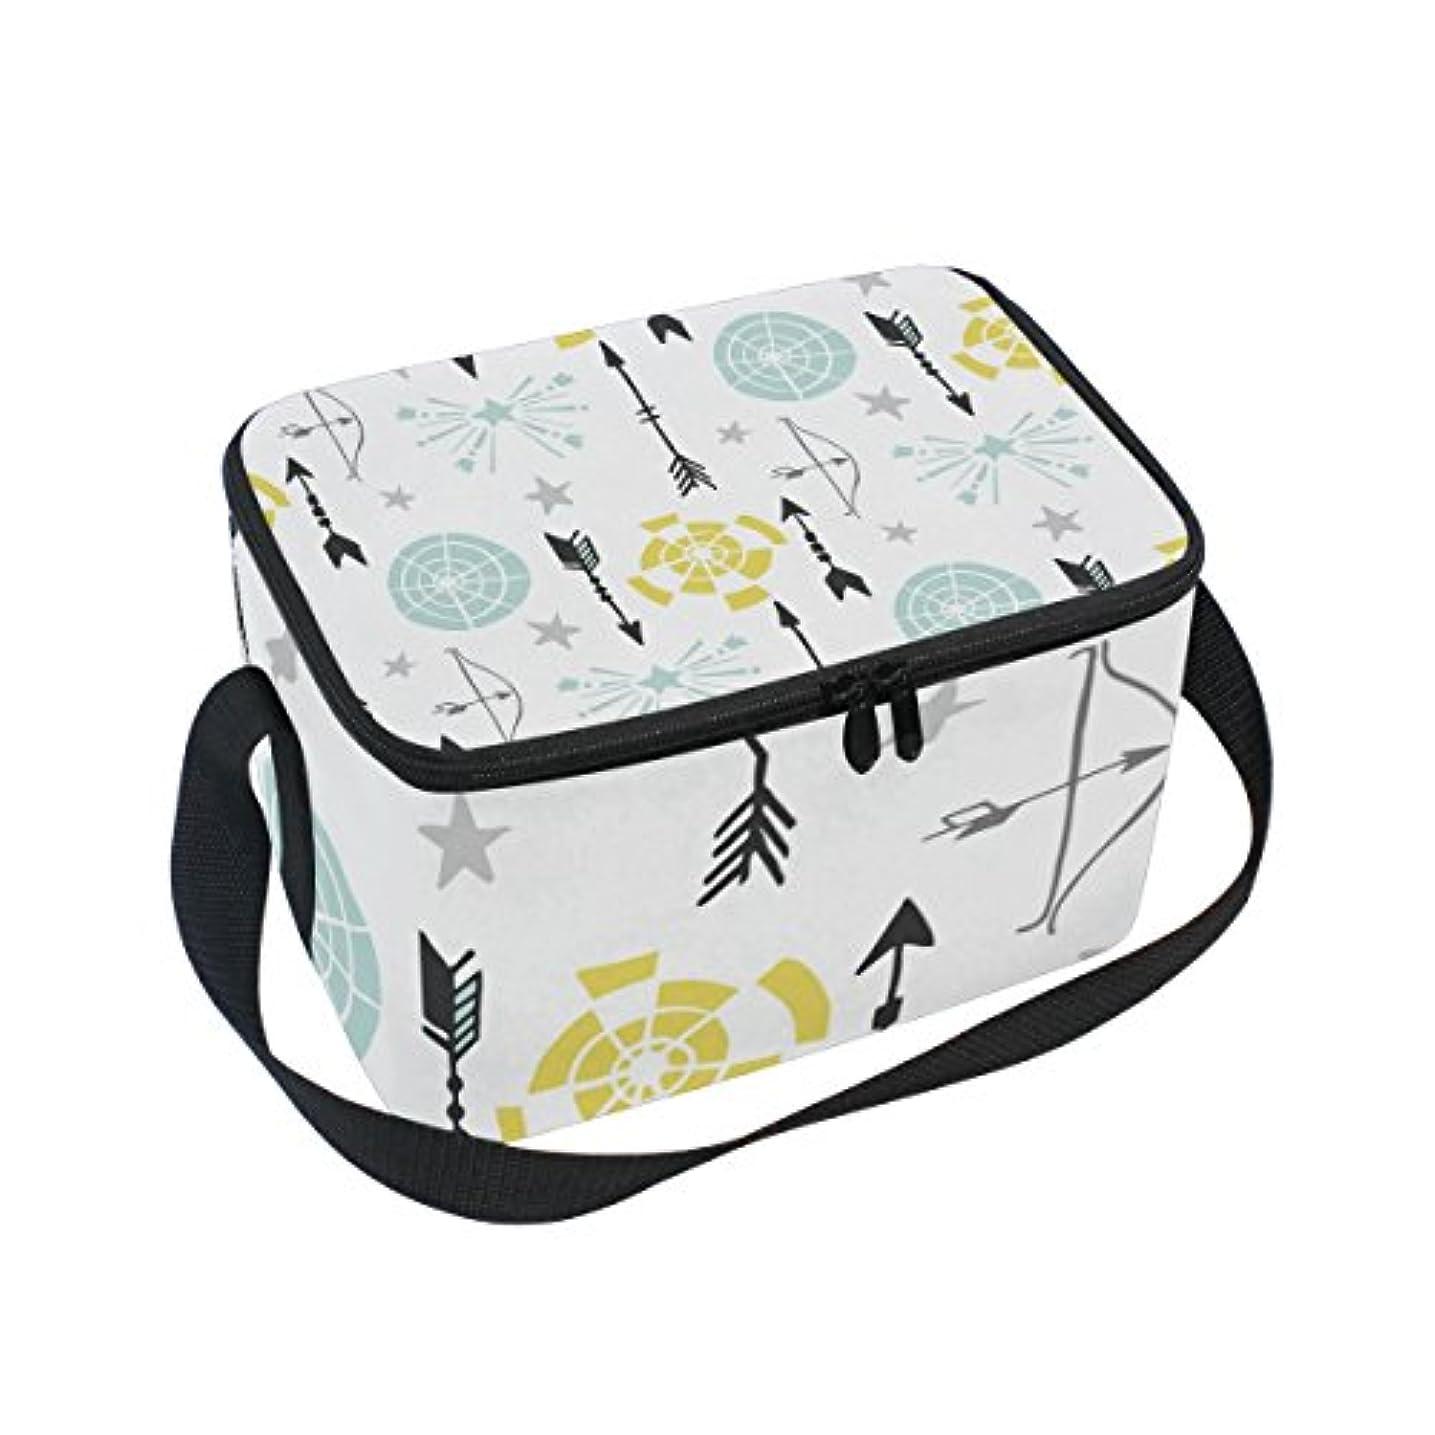 変形するスピーチアンドリューハリディクーラーバッグ クーラーボックス ソフトクーラ 冷蔵ボックス キャンプ用品 矢と的柄 保冷保温 大容量 肩掛け お花見 アウトドア